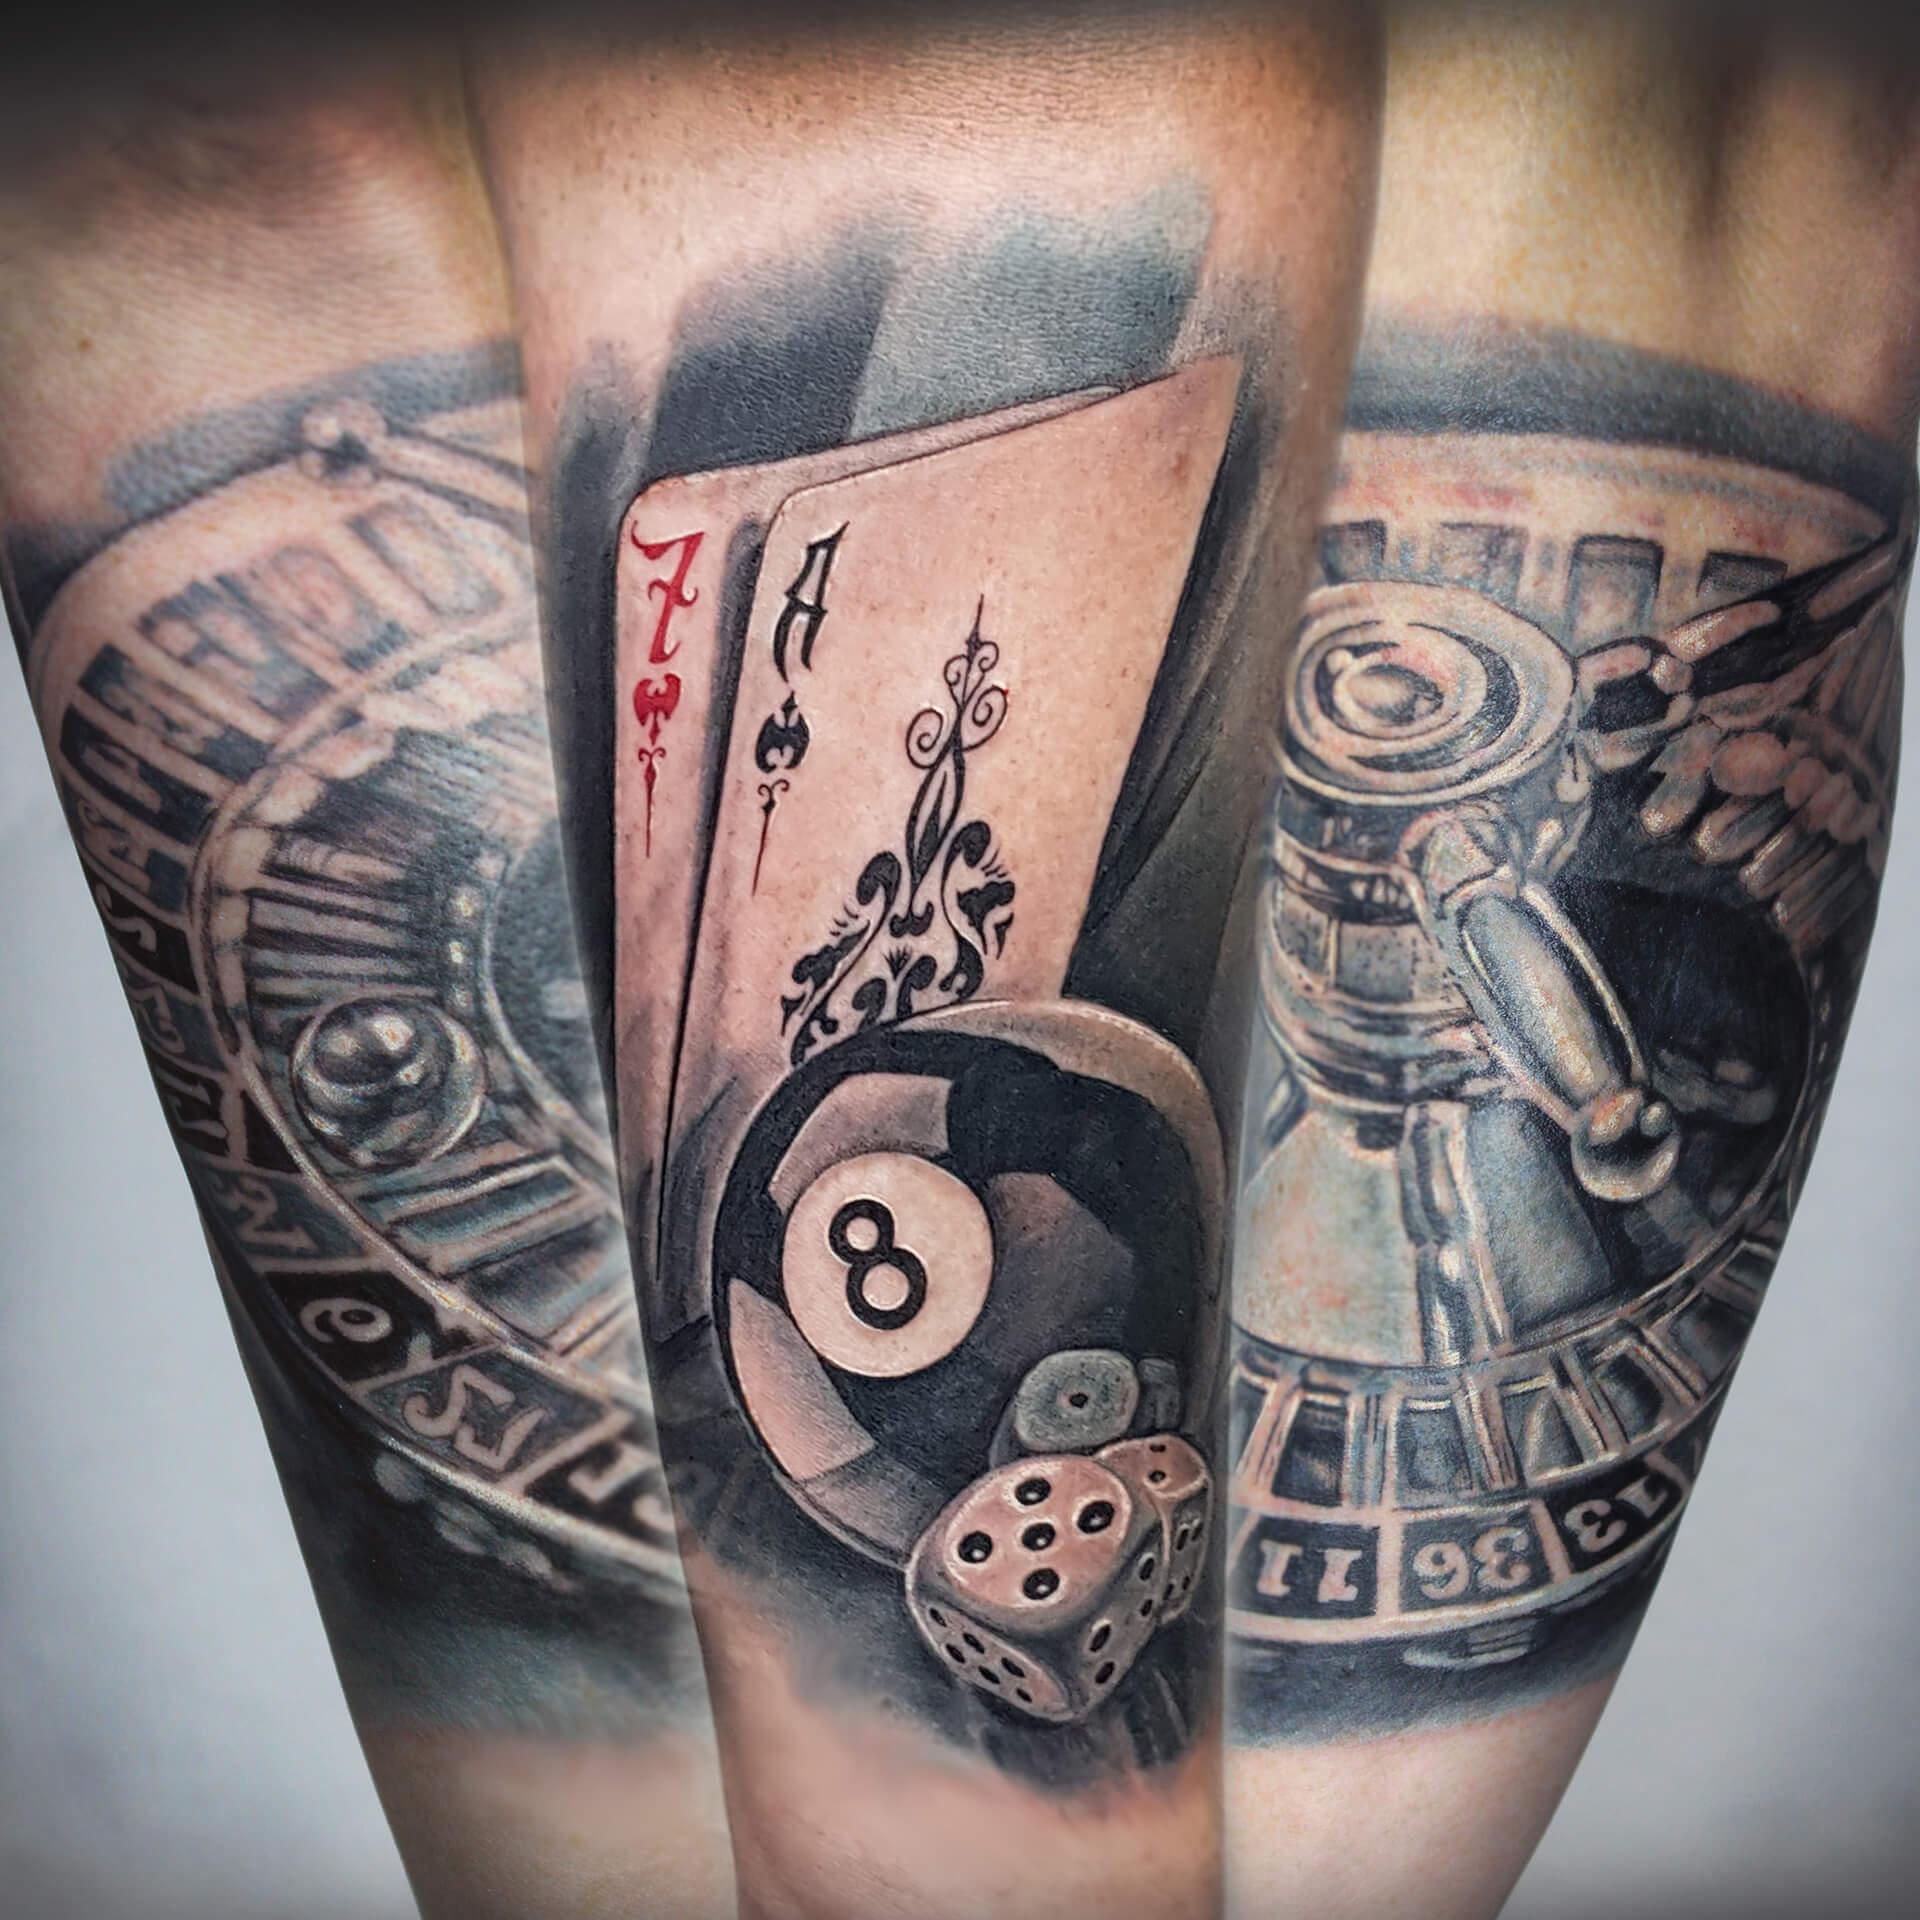 Studio tatuażu Gdańsk Alicja Mazur_blackgrey